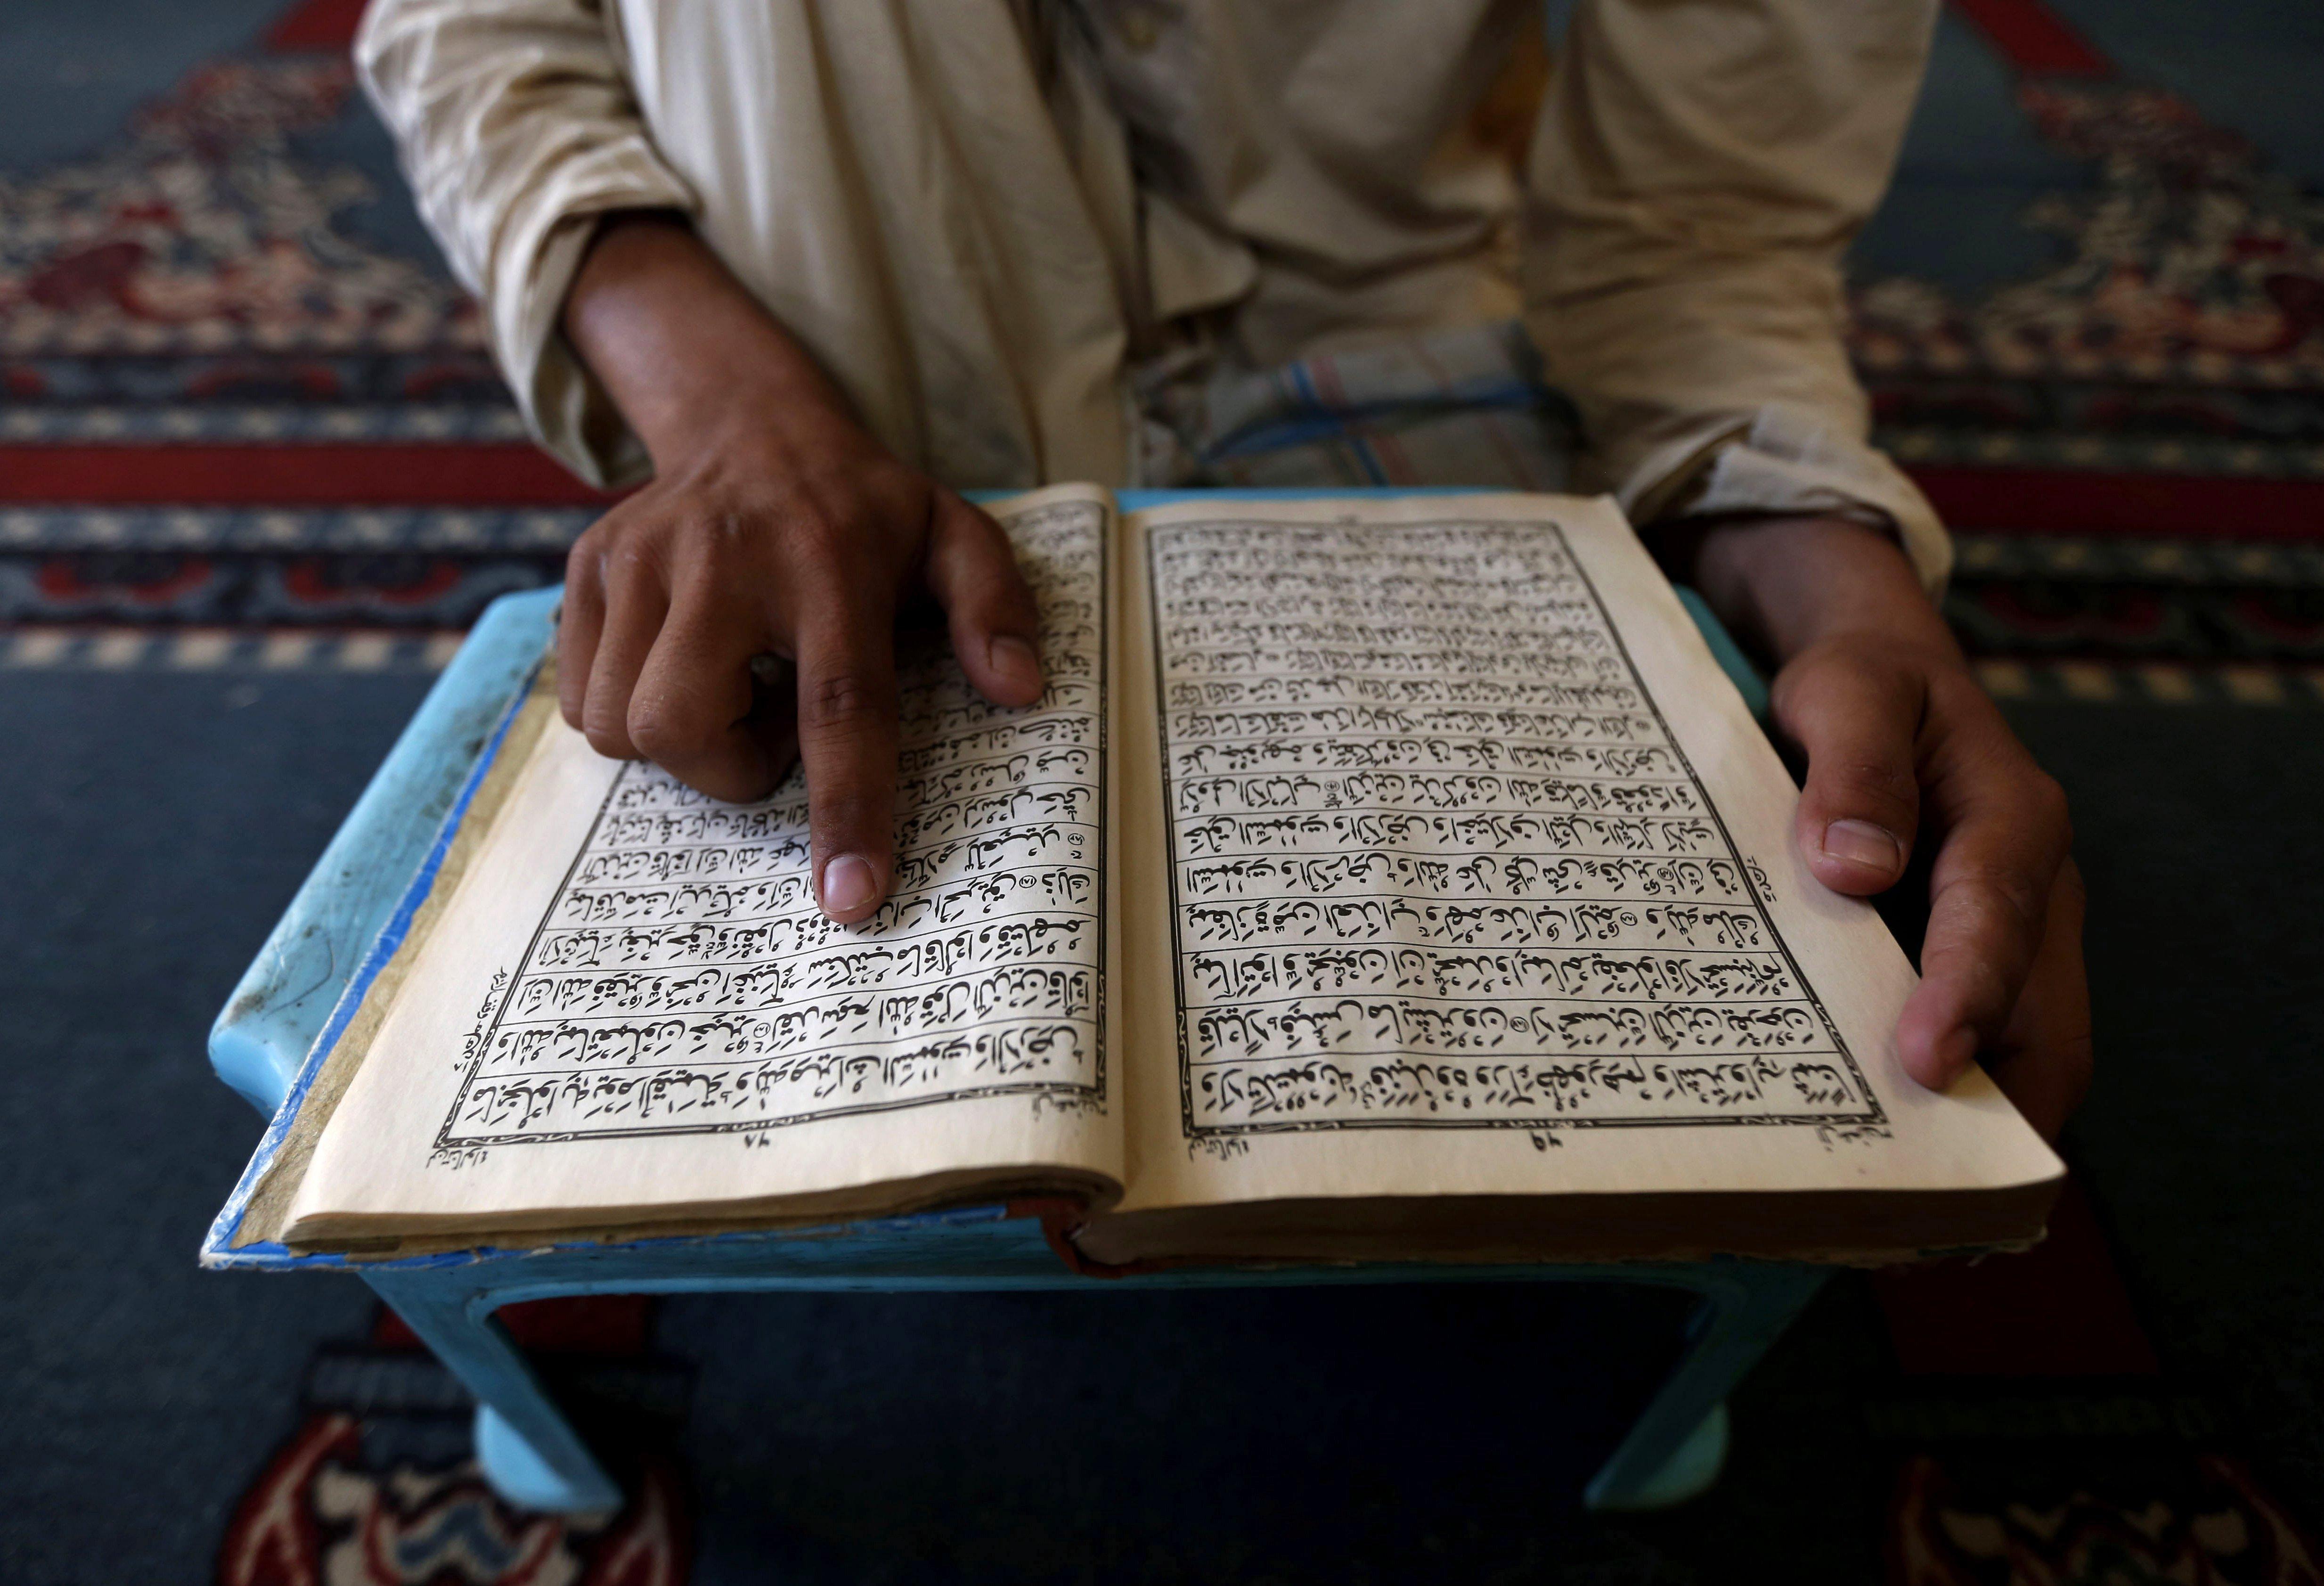 Un jove llegeix l'Alcorà en una mesquita durant la celebració del mes del ramadà a Peshawar (Pakistan). /BILAWAL ARBAB